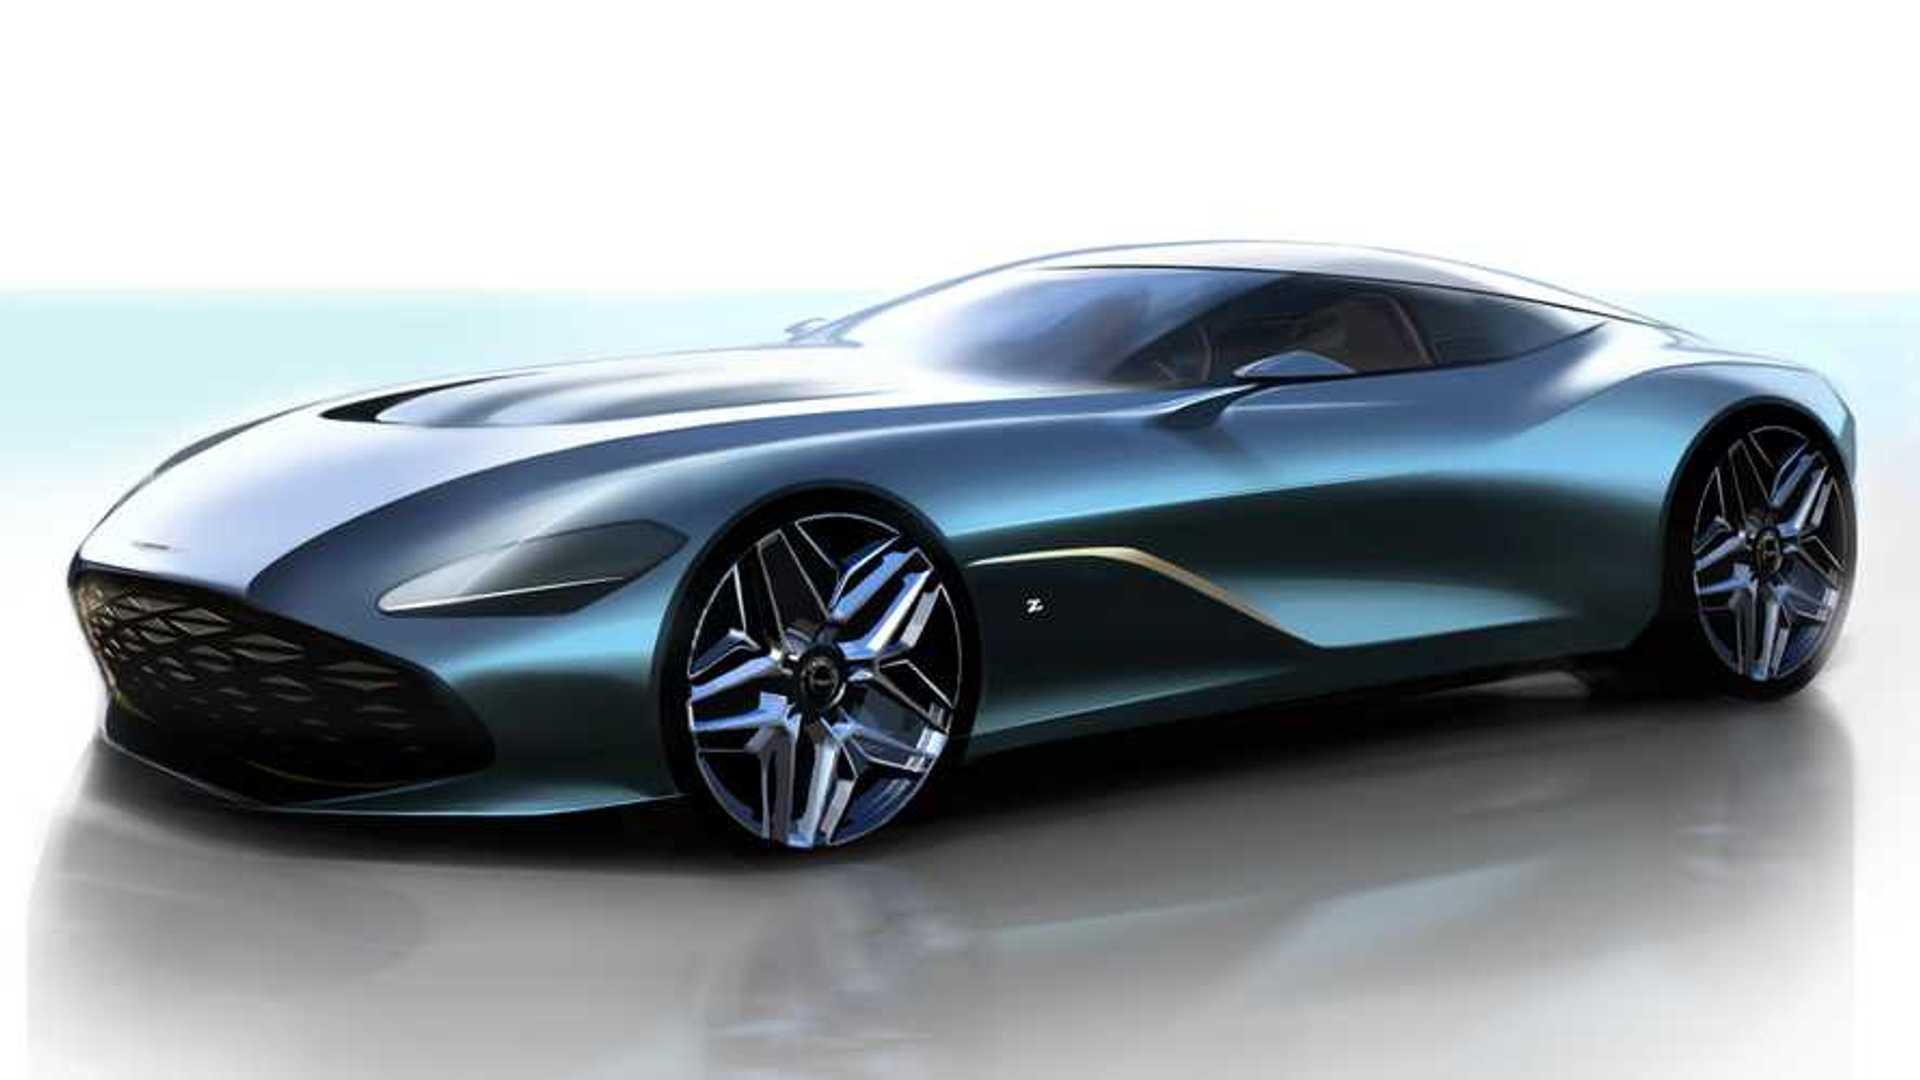 New Aston Martin >> Aston Martin Dbs Gt Zagato Looks Stunning In New Sketches